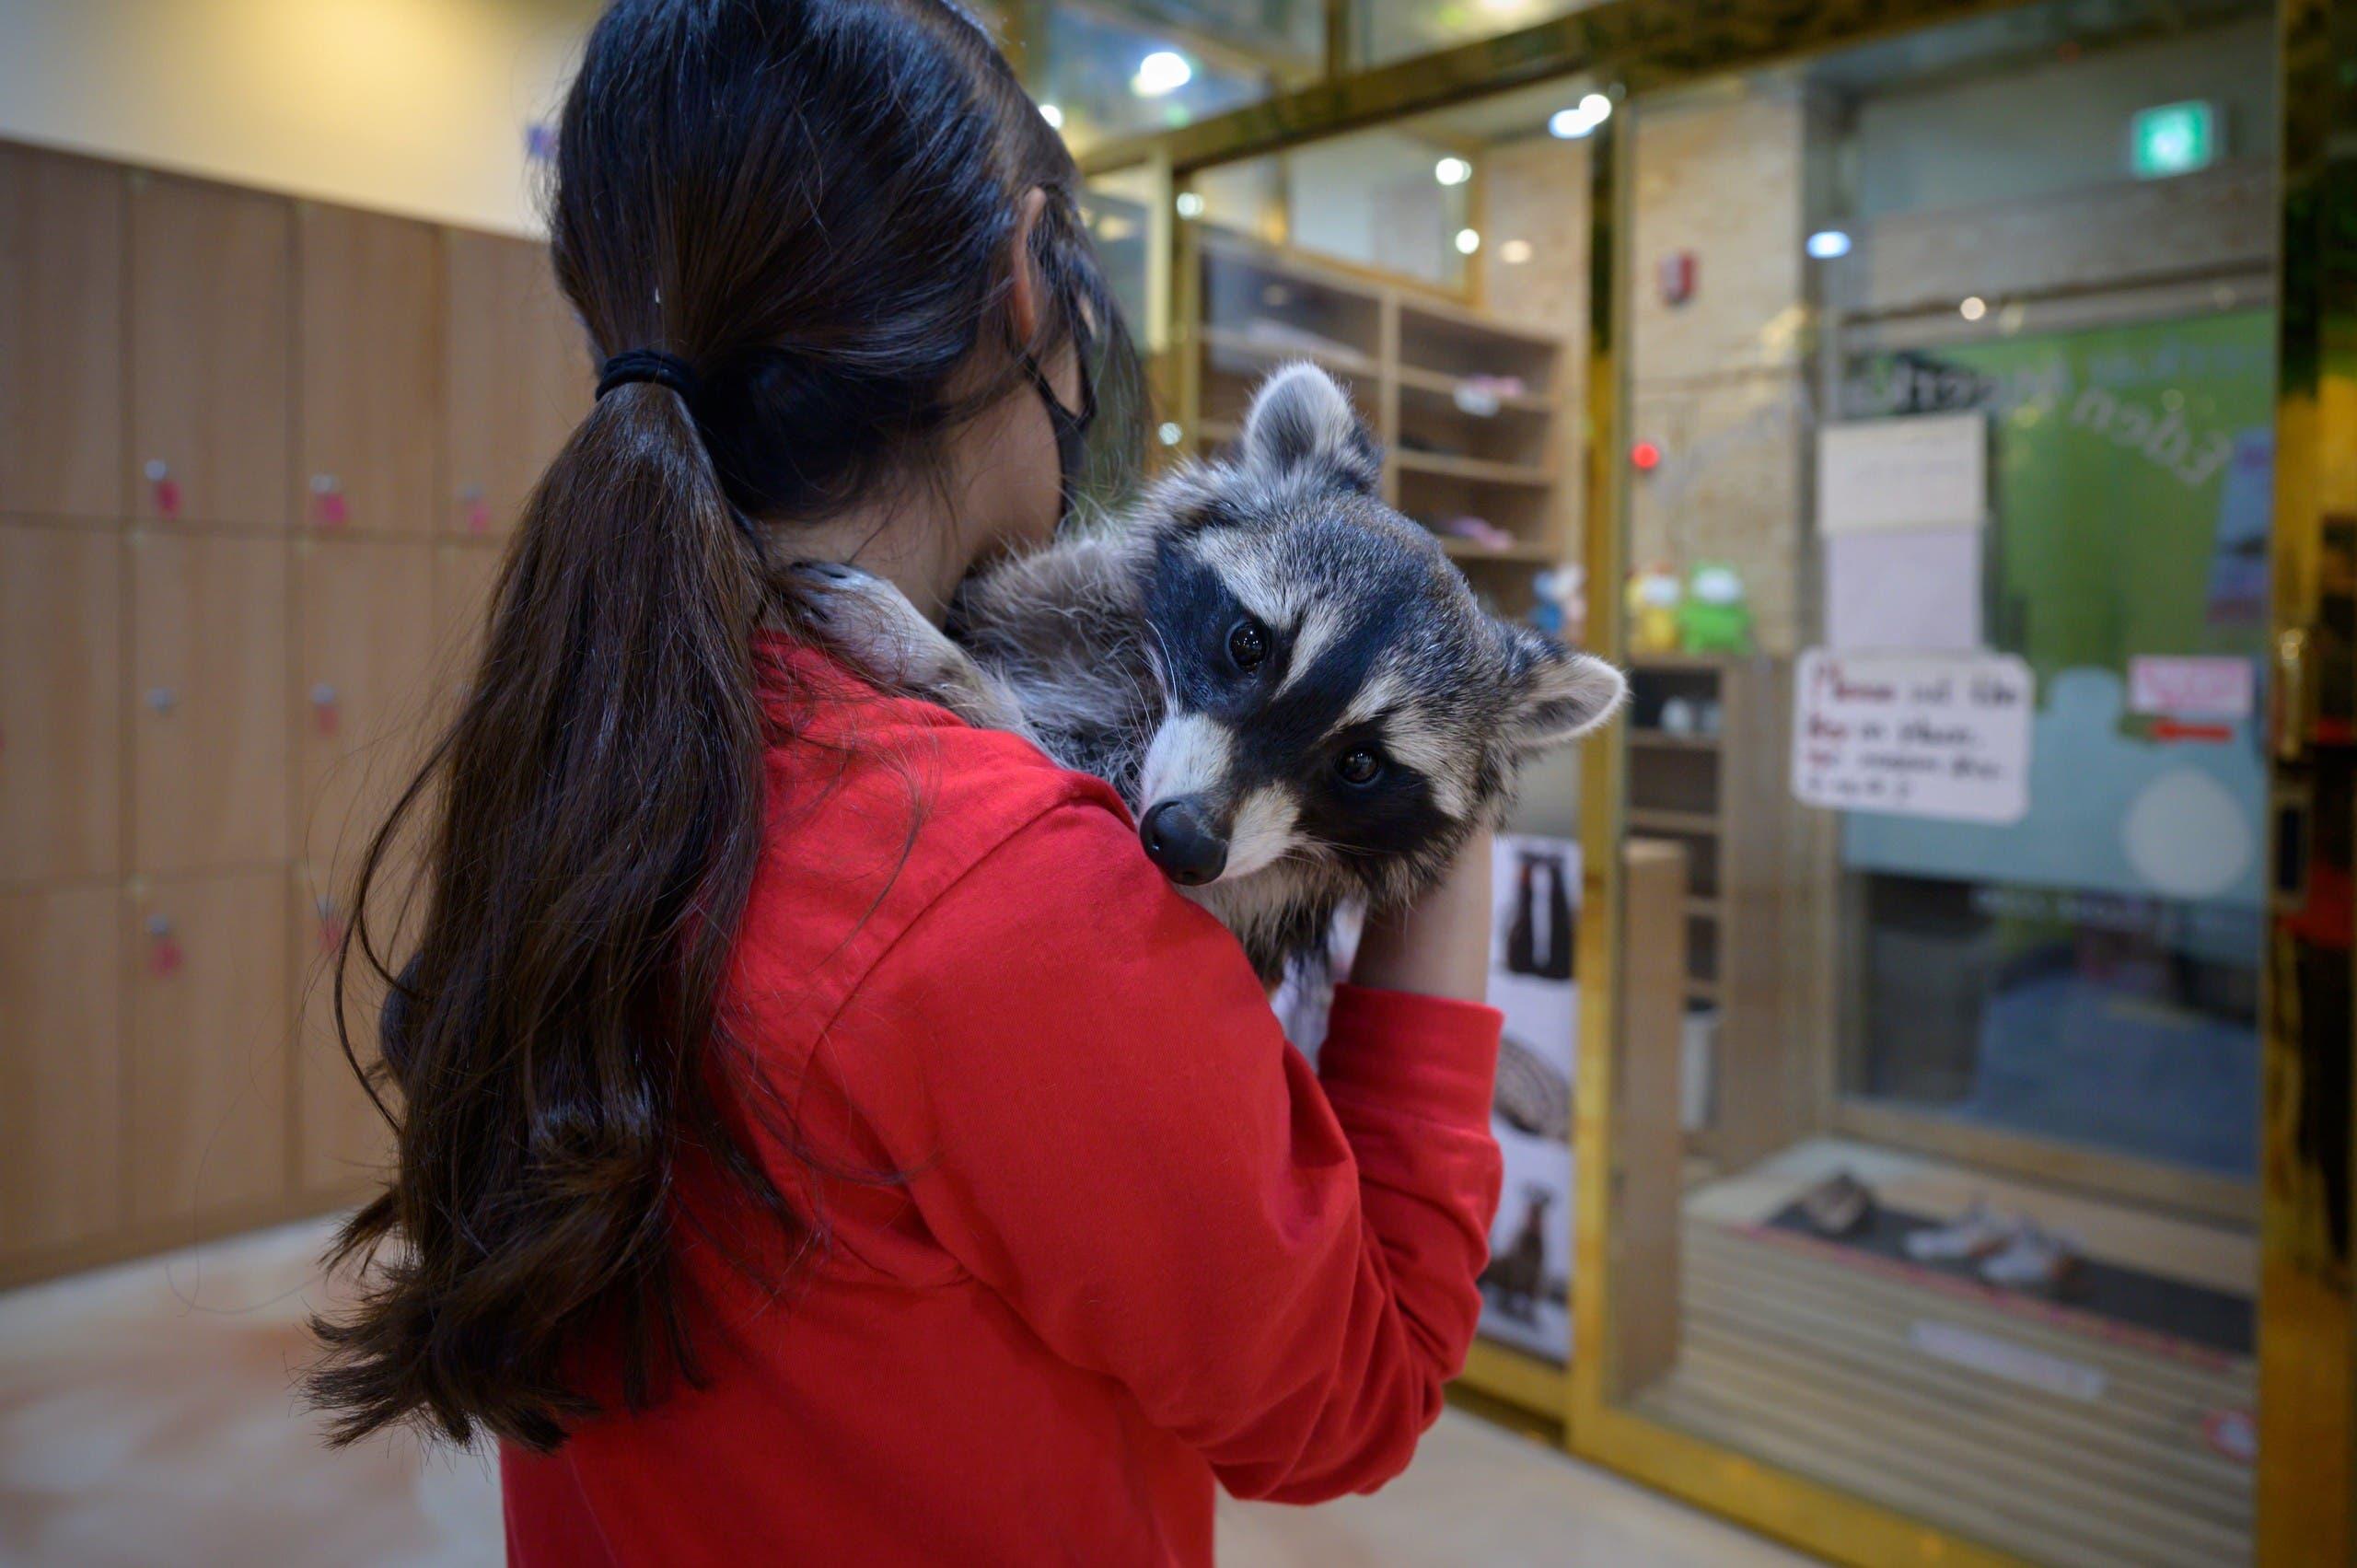 عاملة تحمل أحد الحيوانات البرية في مقى للحيوانات فارغ من الزبائن في كوريا